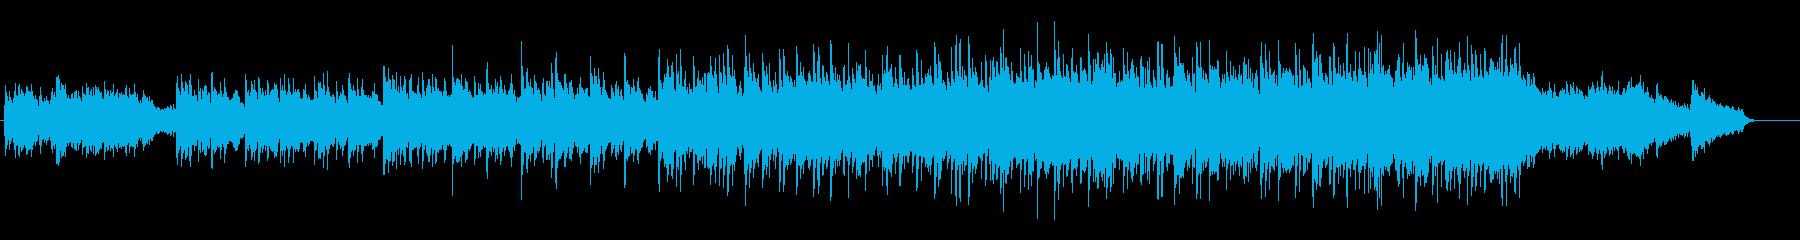 優しいメロディのエチュード風バラードの再生済みの波形